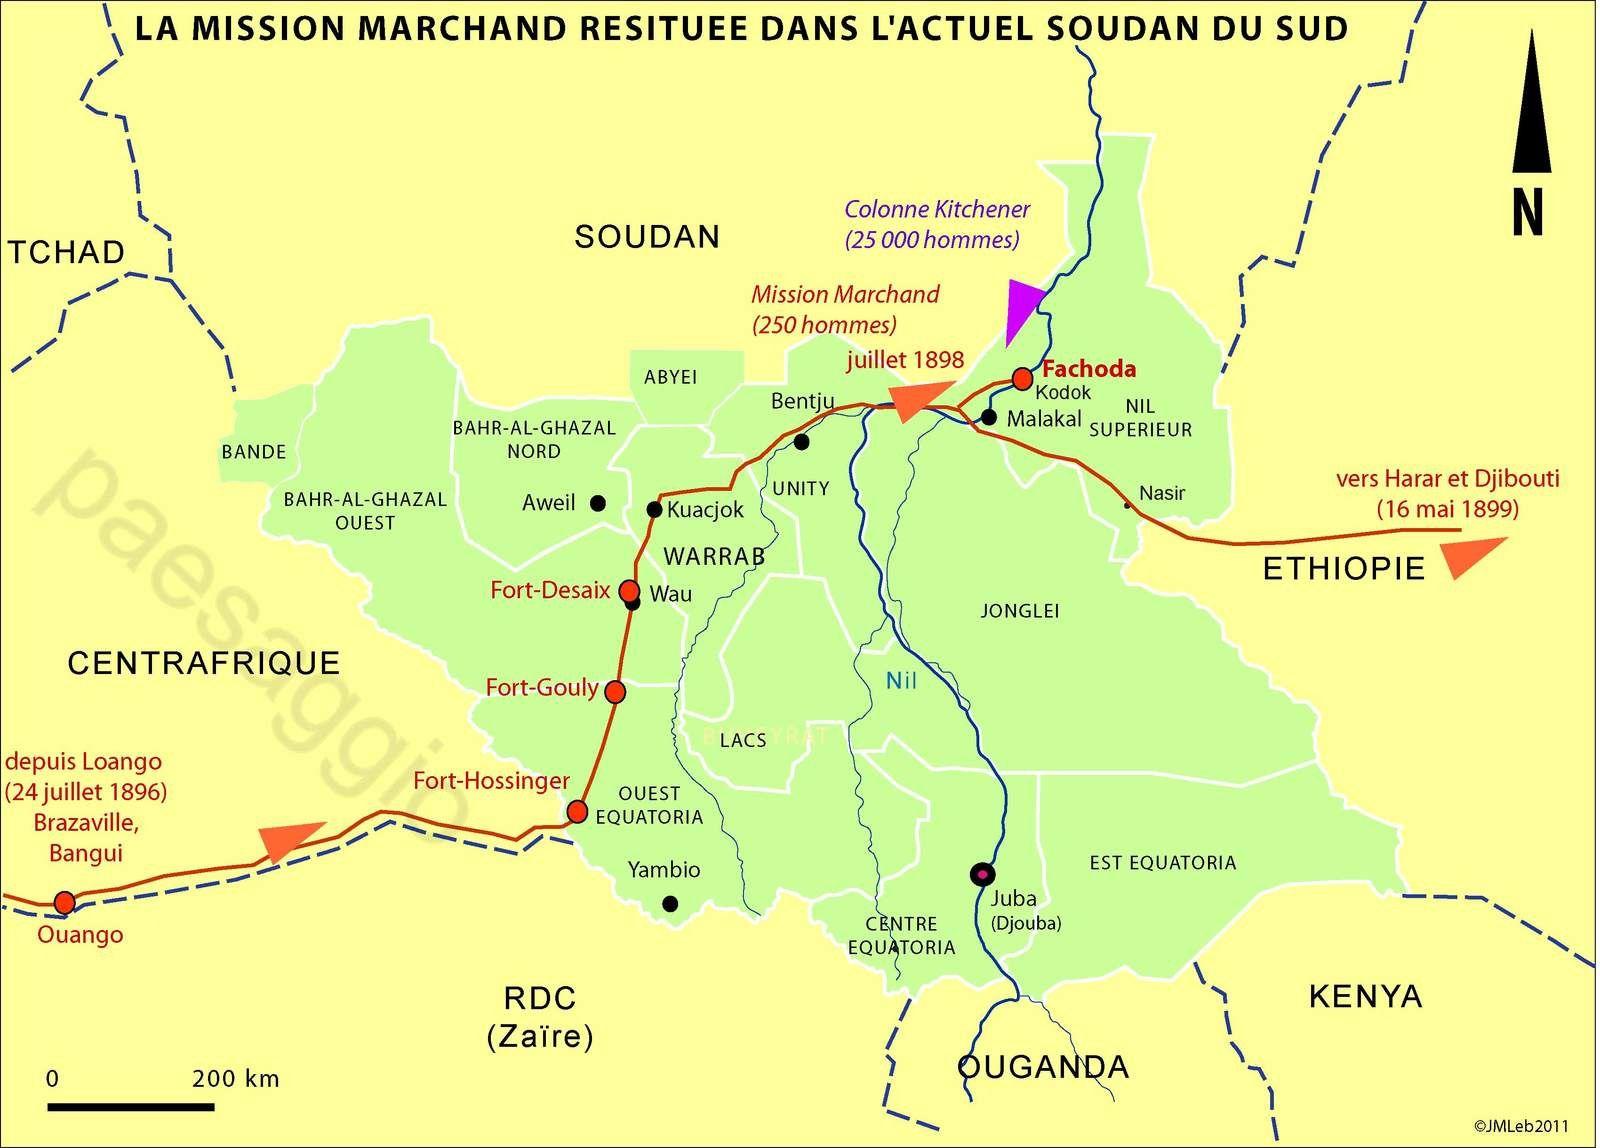 Sud-Soudan : à Kodok le souvenir de Fachoda et de la mission Marchand